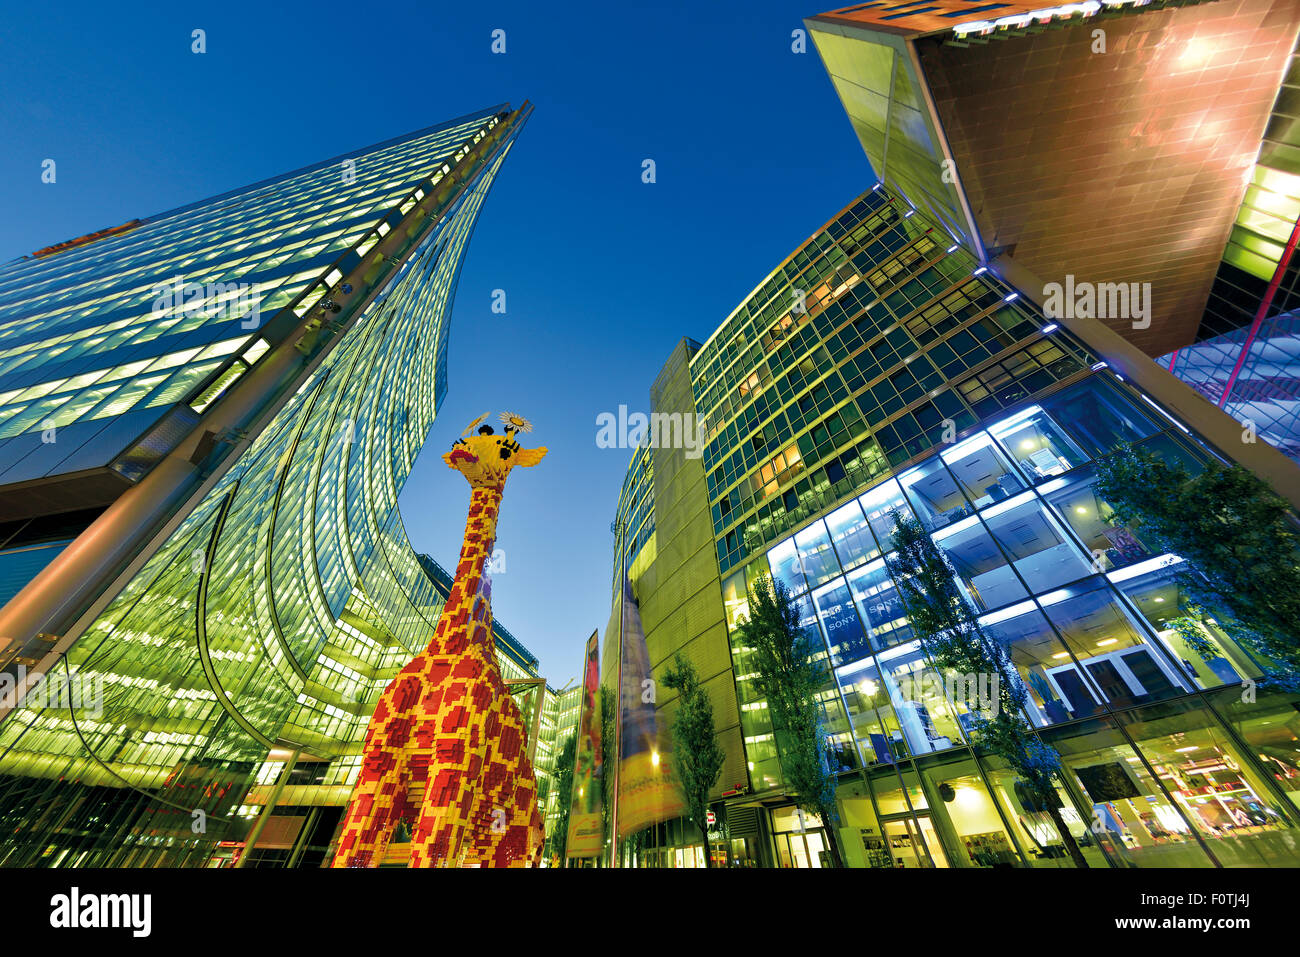 Deutschland, Berlin: Zeitgenössische Architektur am Potsdamer Platz bei Nacht Stockbild